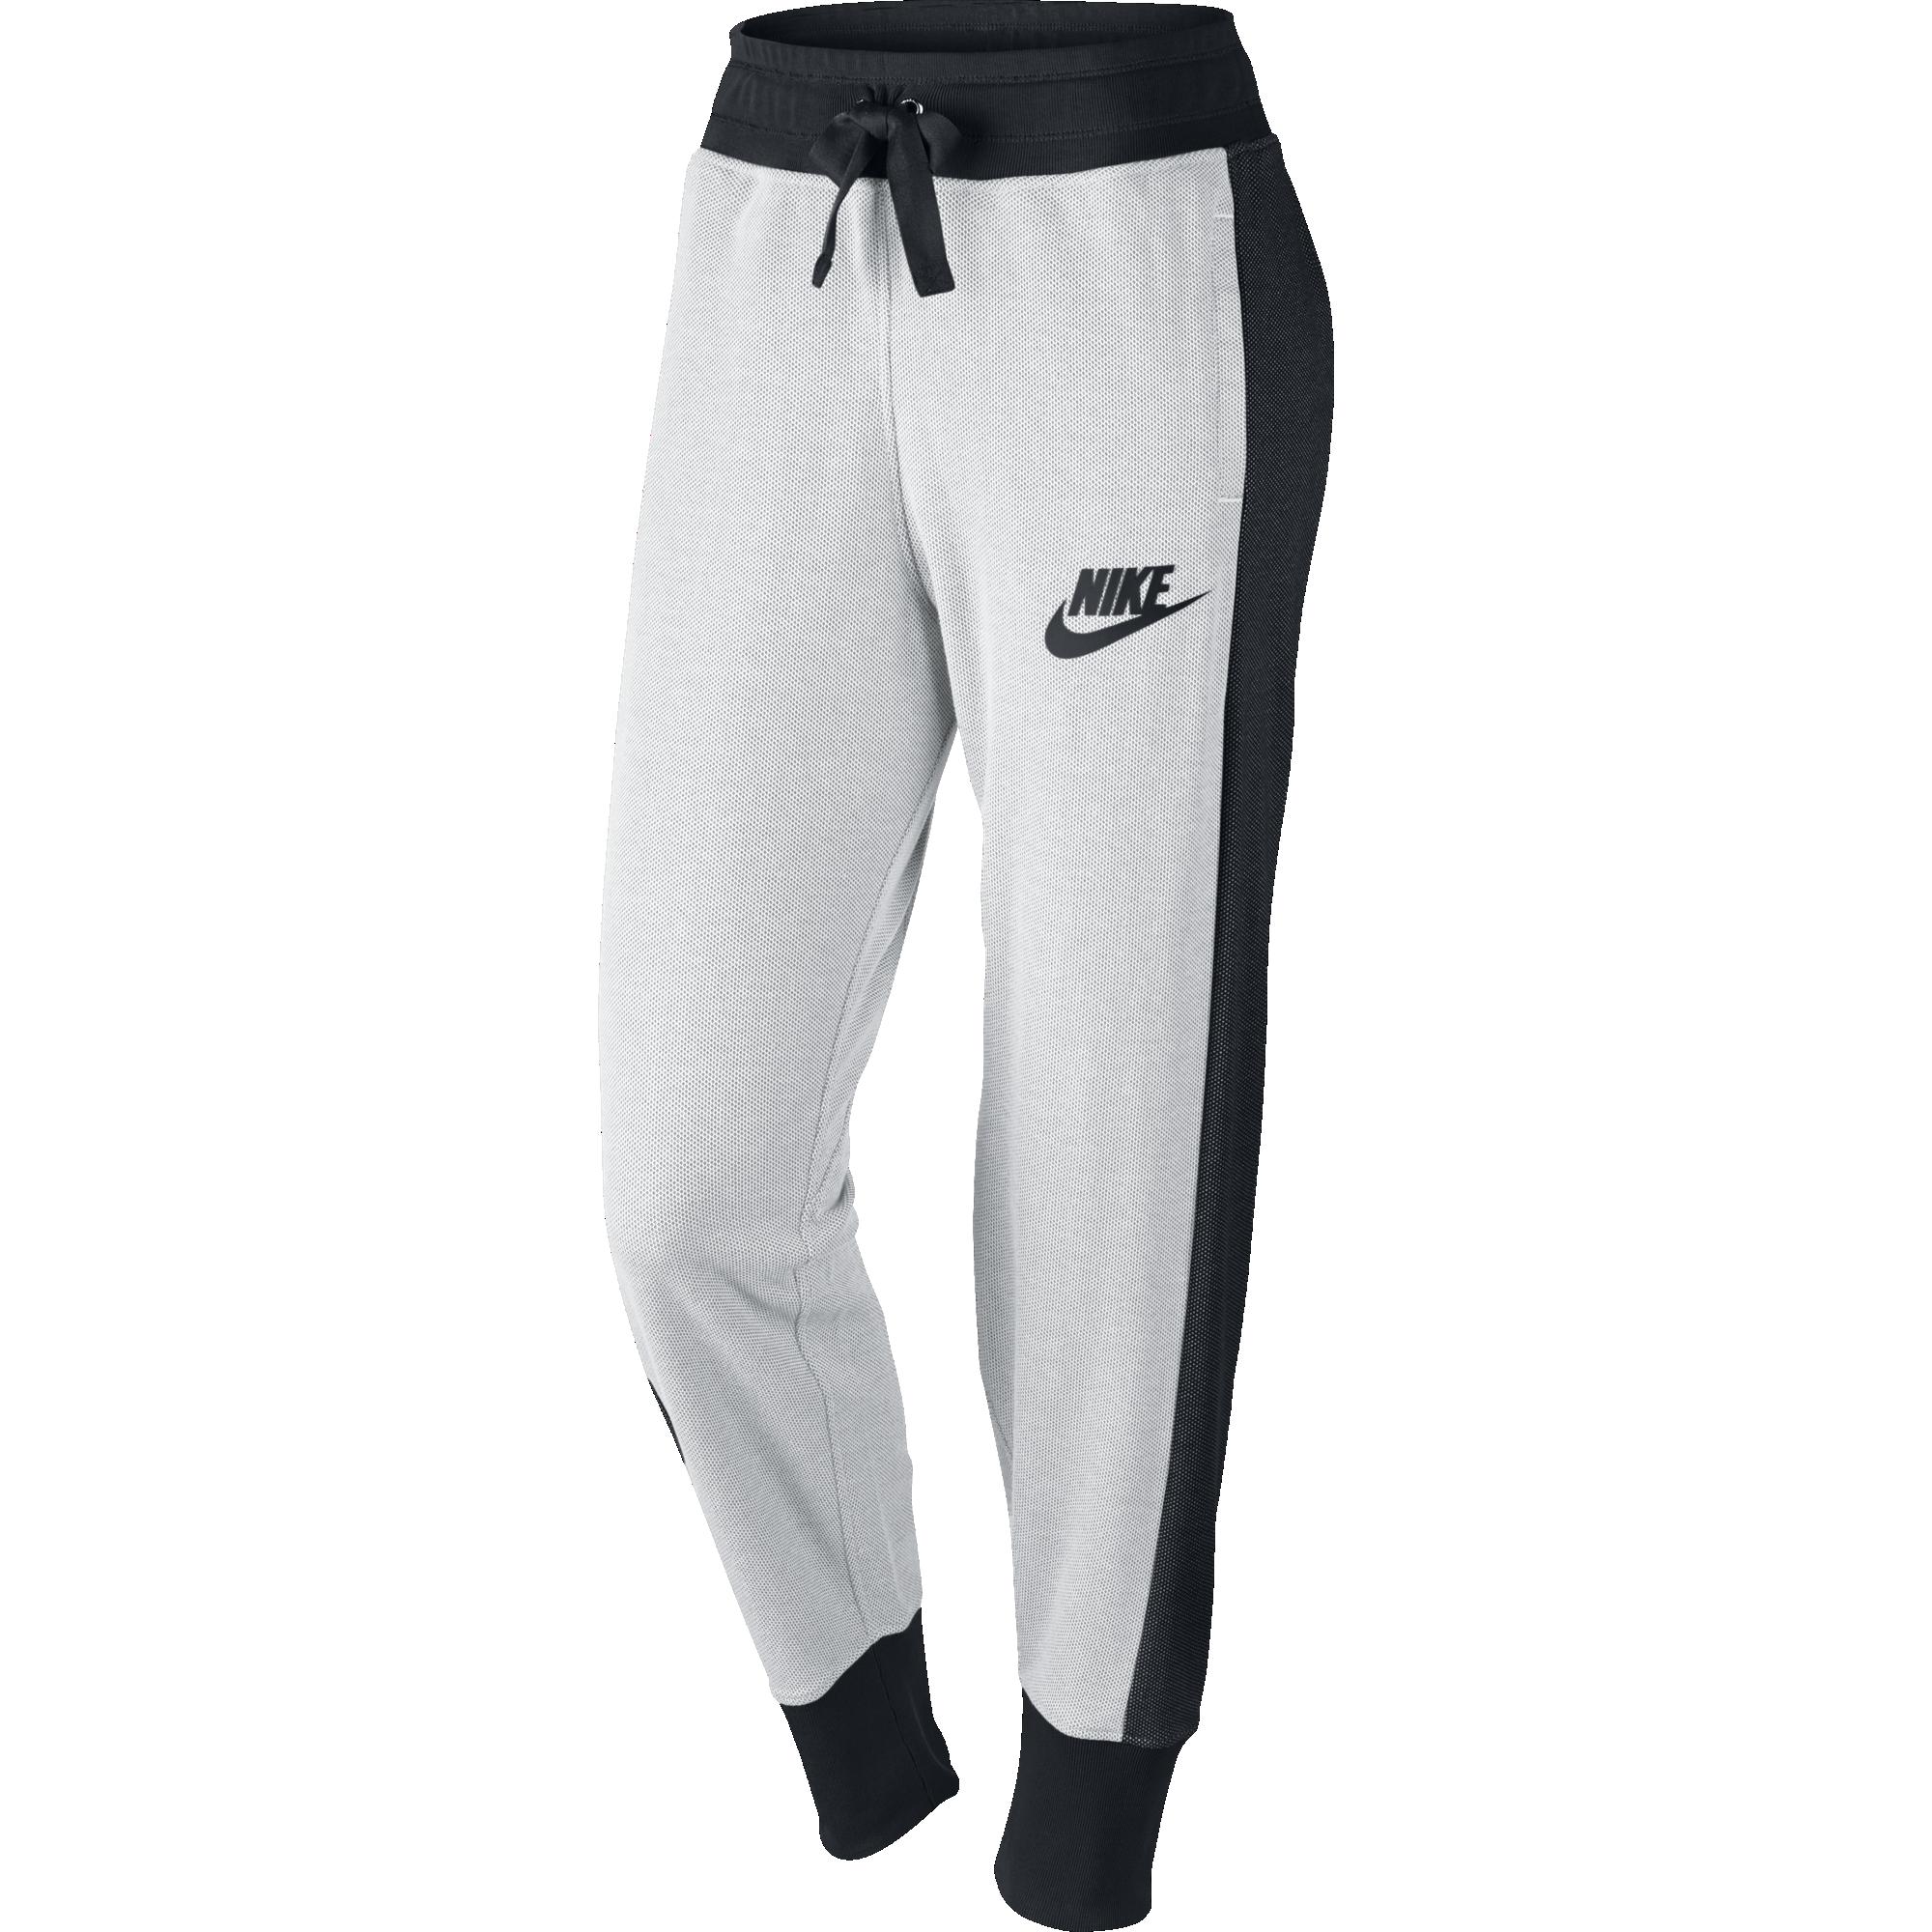 Transparent pants for women. Jeans clipart sweatpants